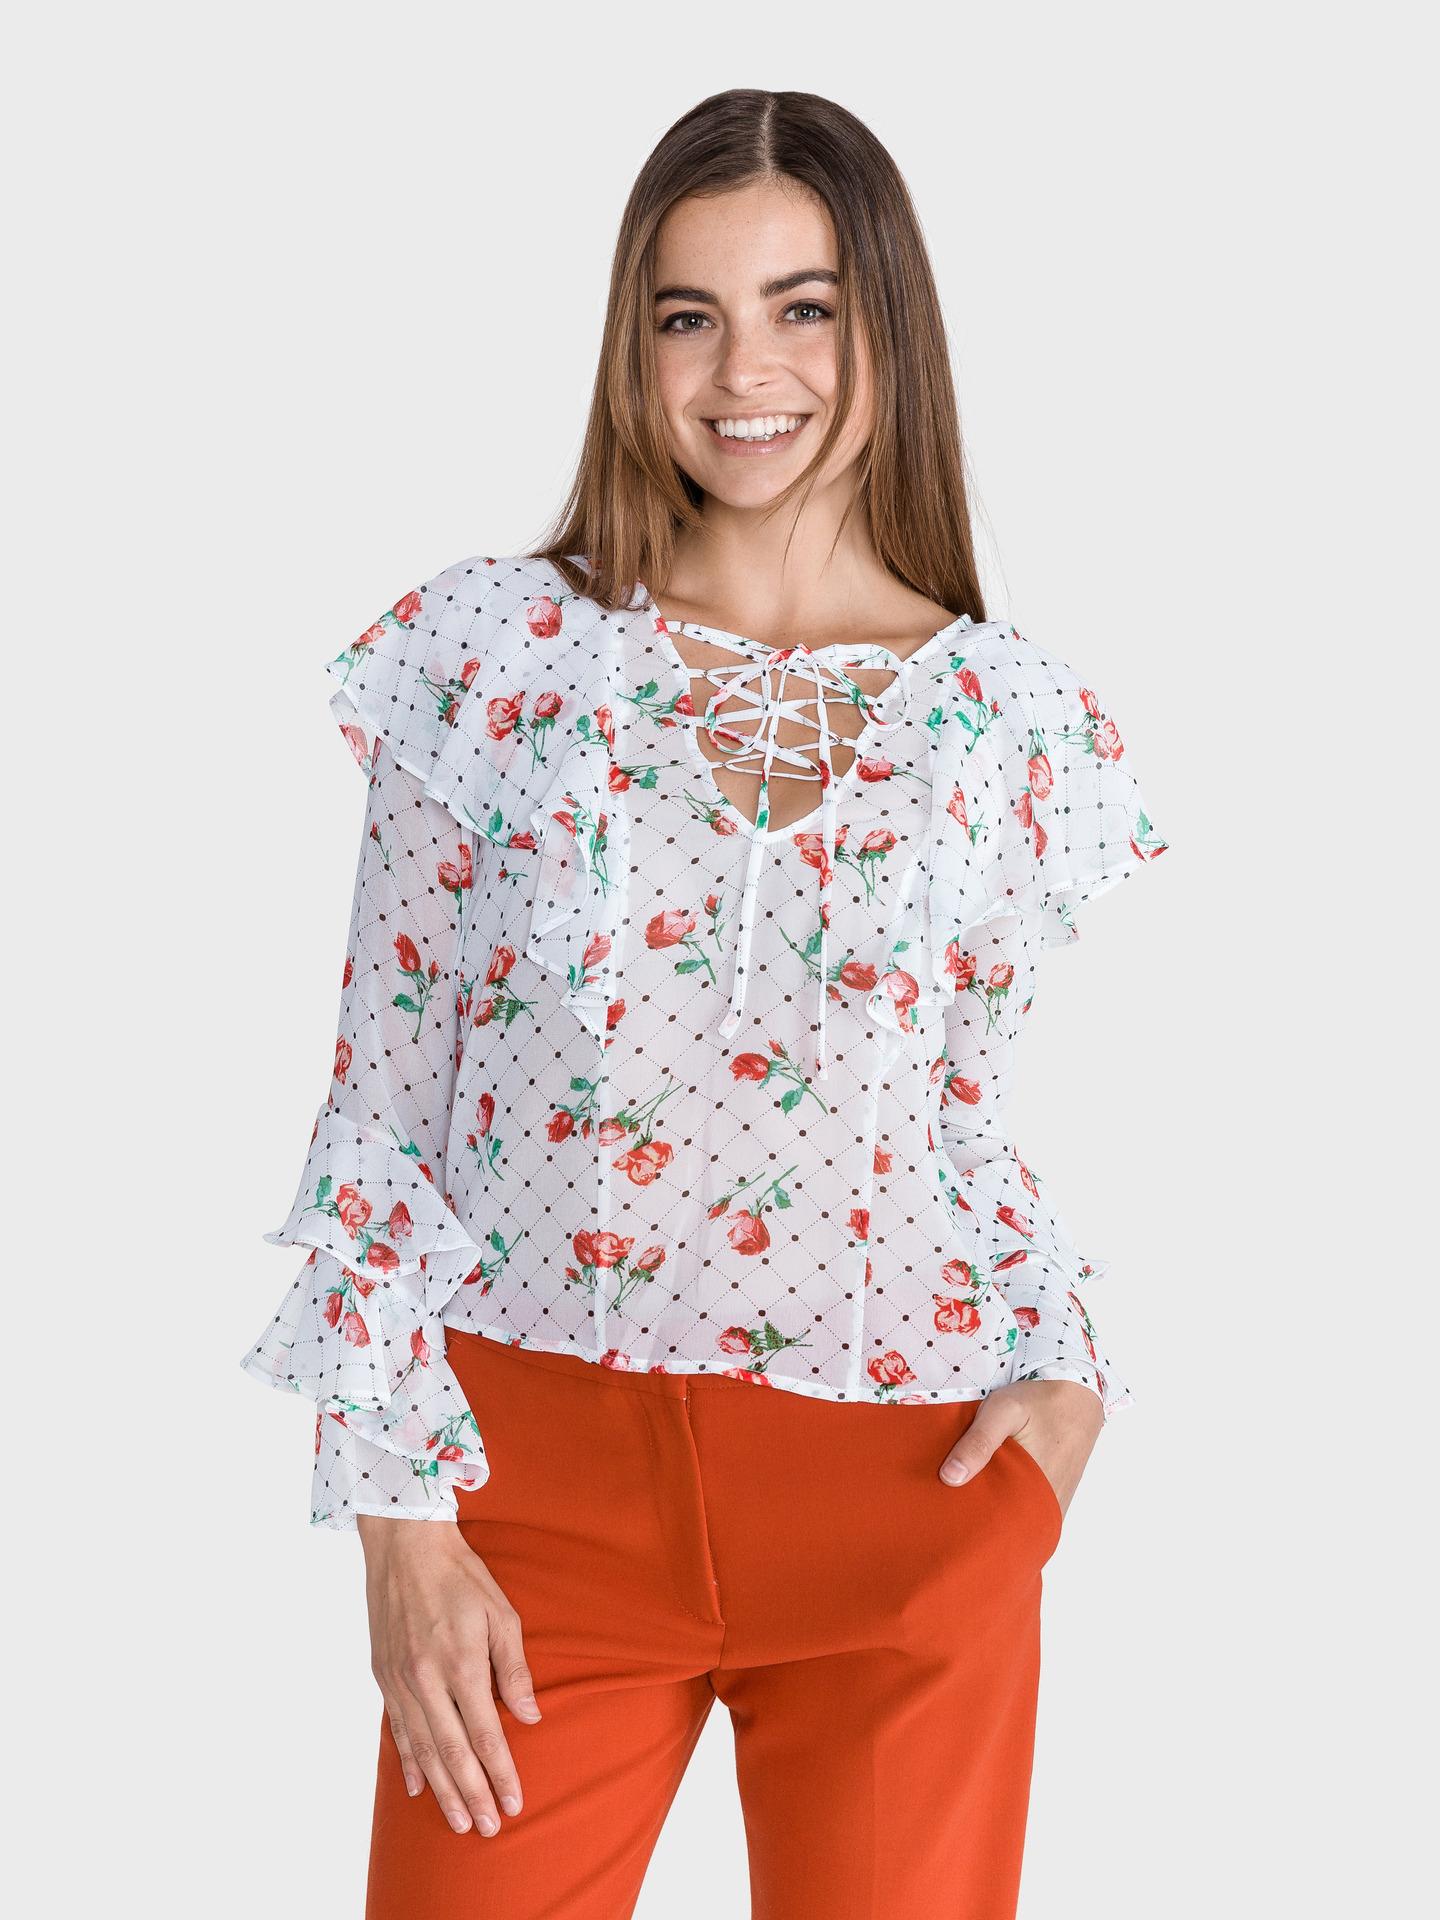 Guess Women's blouse white Halenka